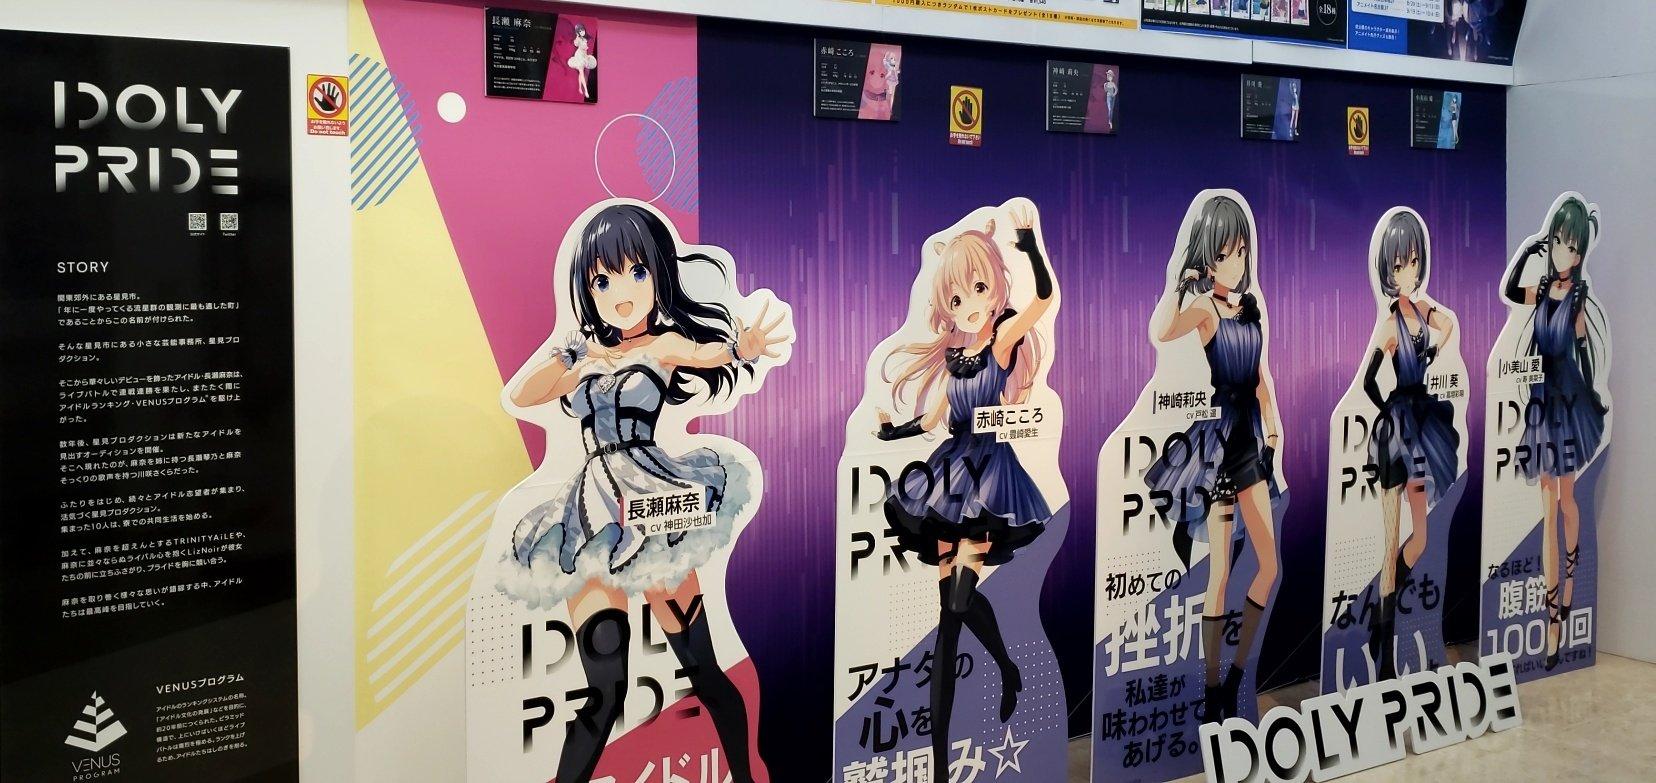 Anime Idoly Pride Dijadwalkan Tayang Perdana 10 Januari 1